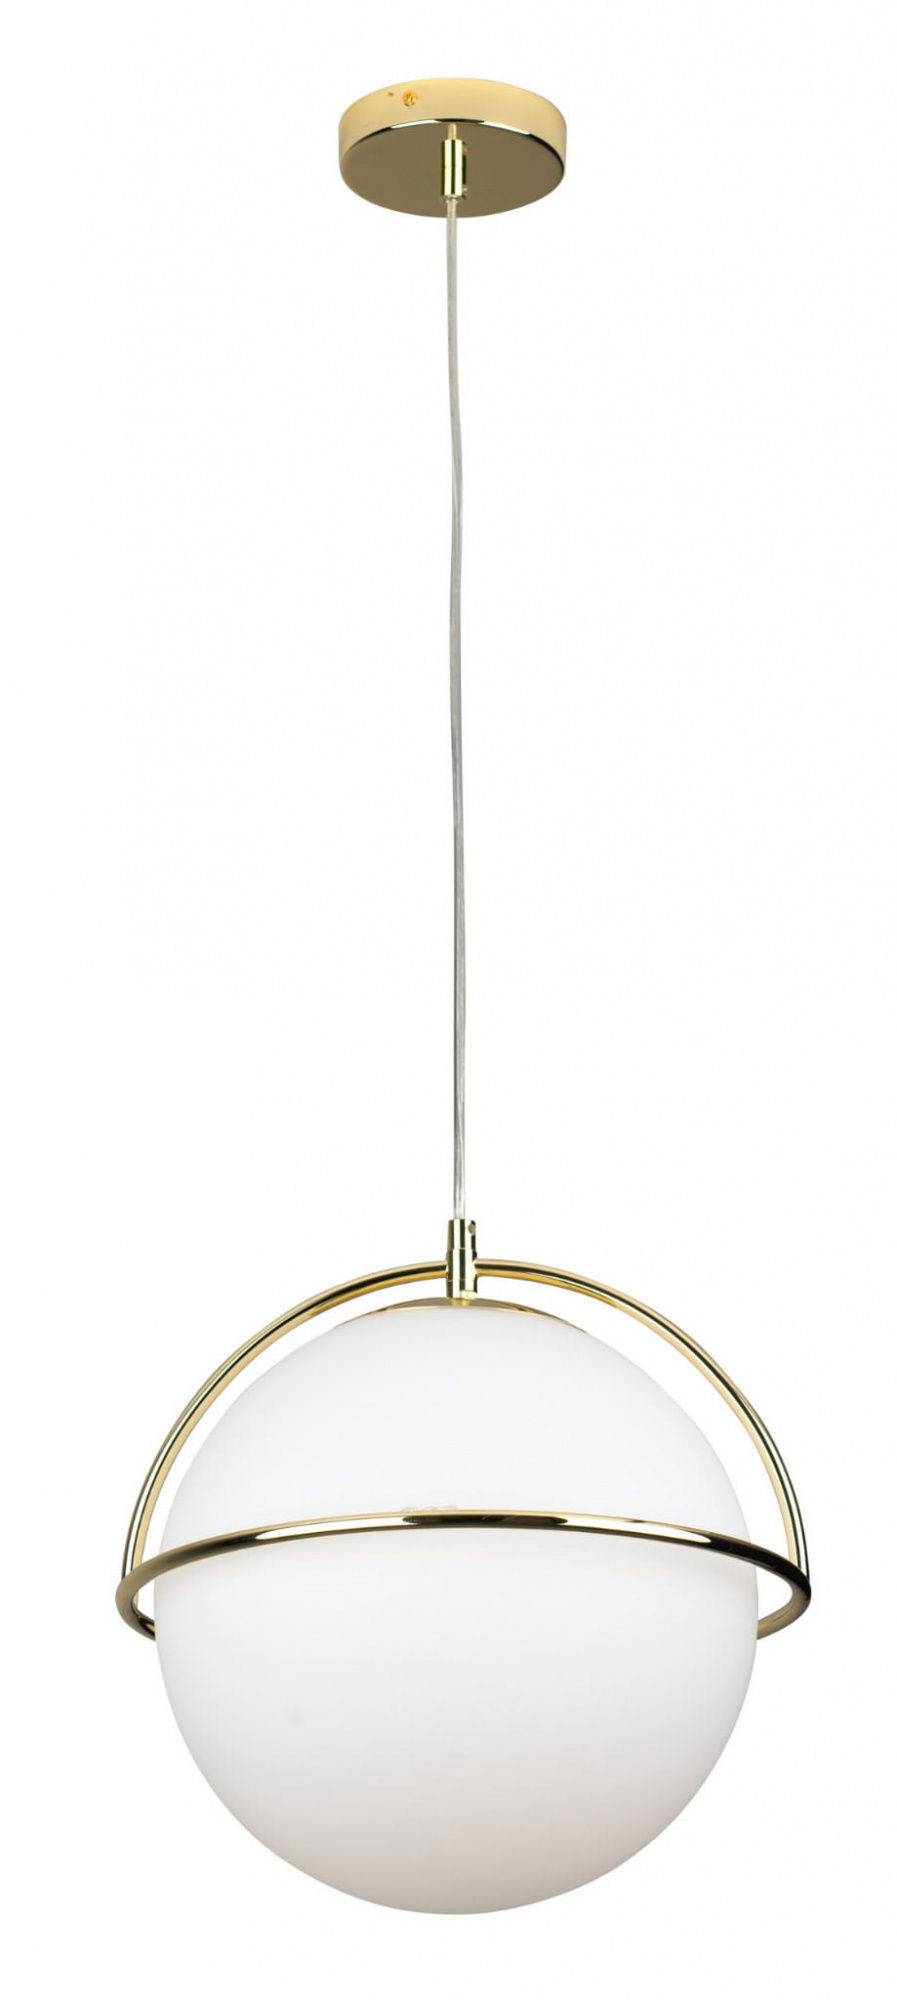 Lampa wisząca SATURN P0381 MAXlight złota oprawa w stylu nowoczesnym